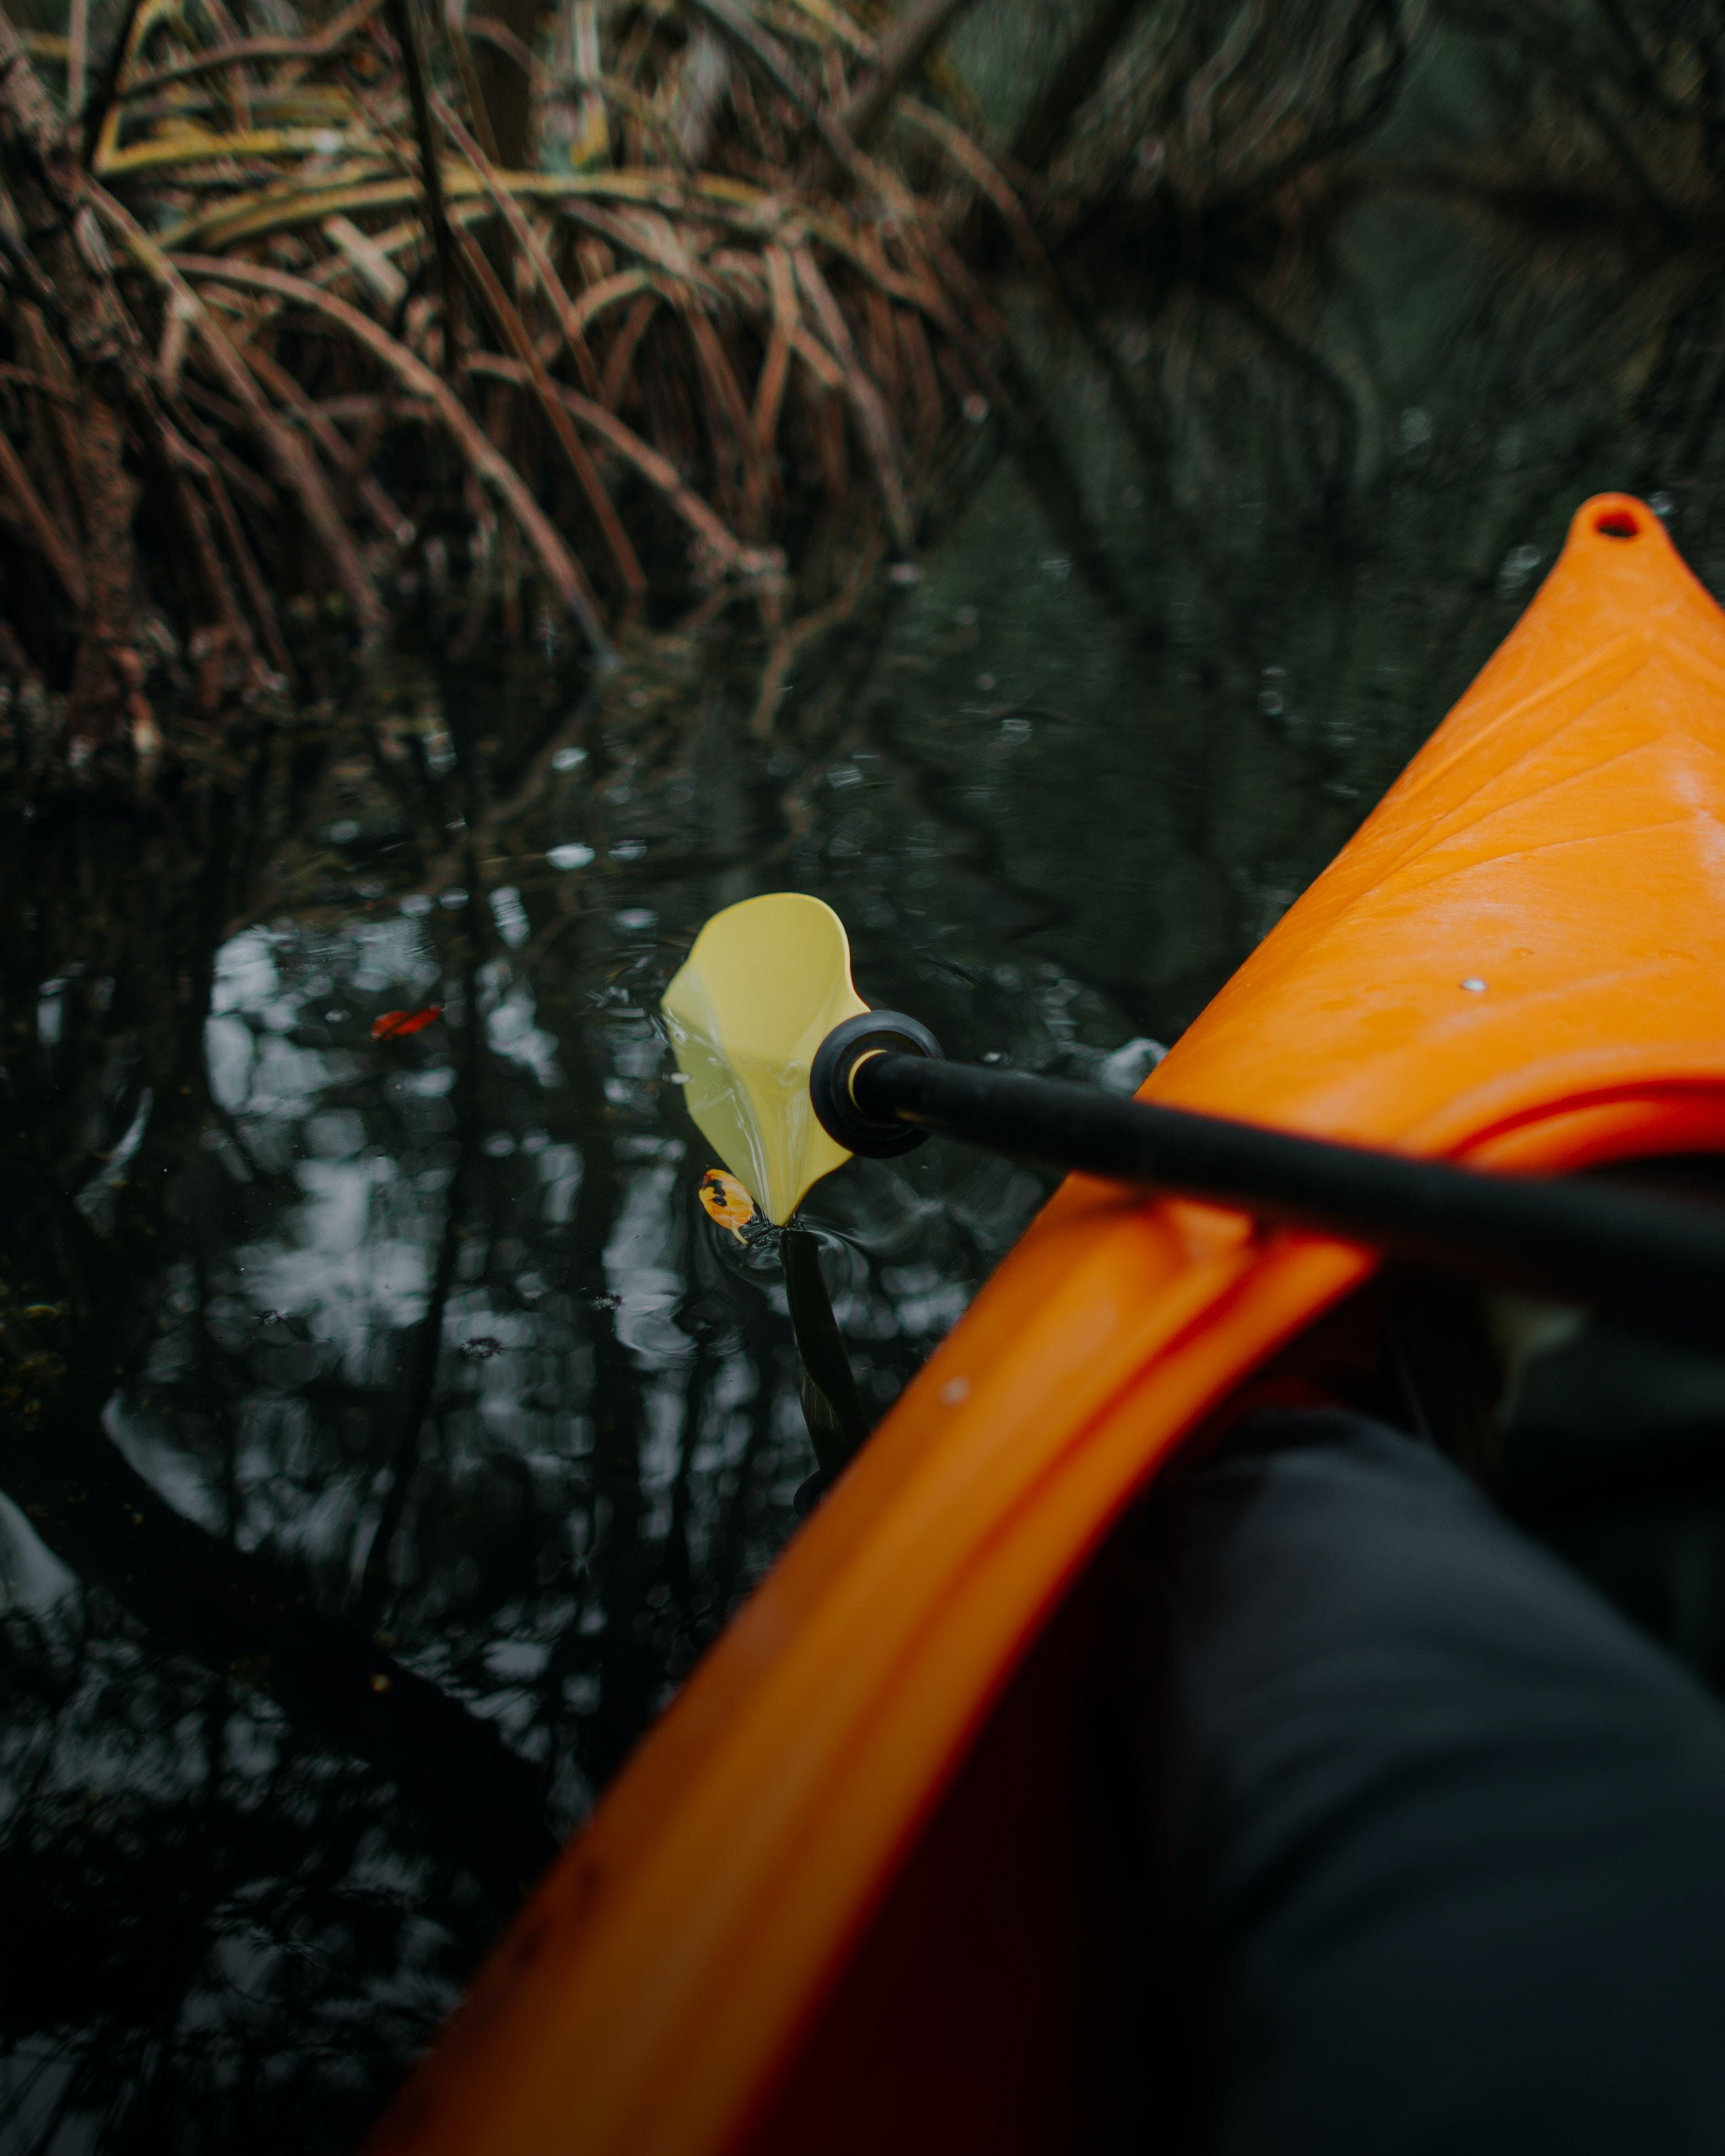 person riding orange kayak